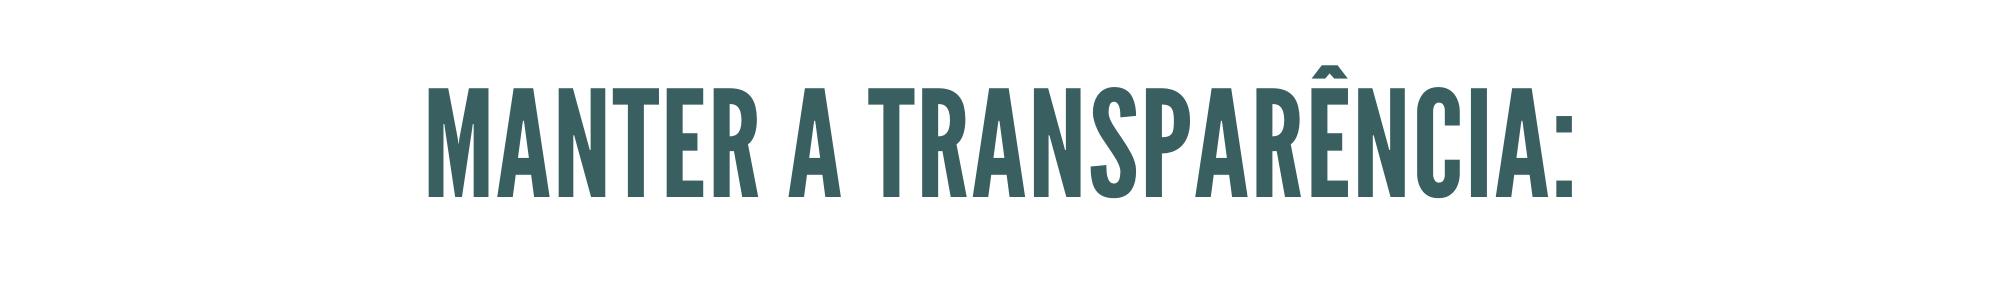 manter a transparência